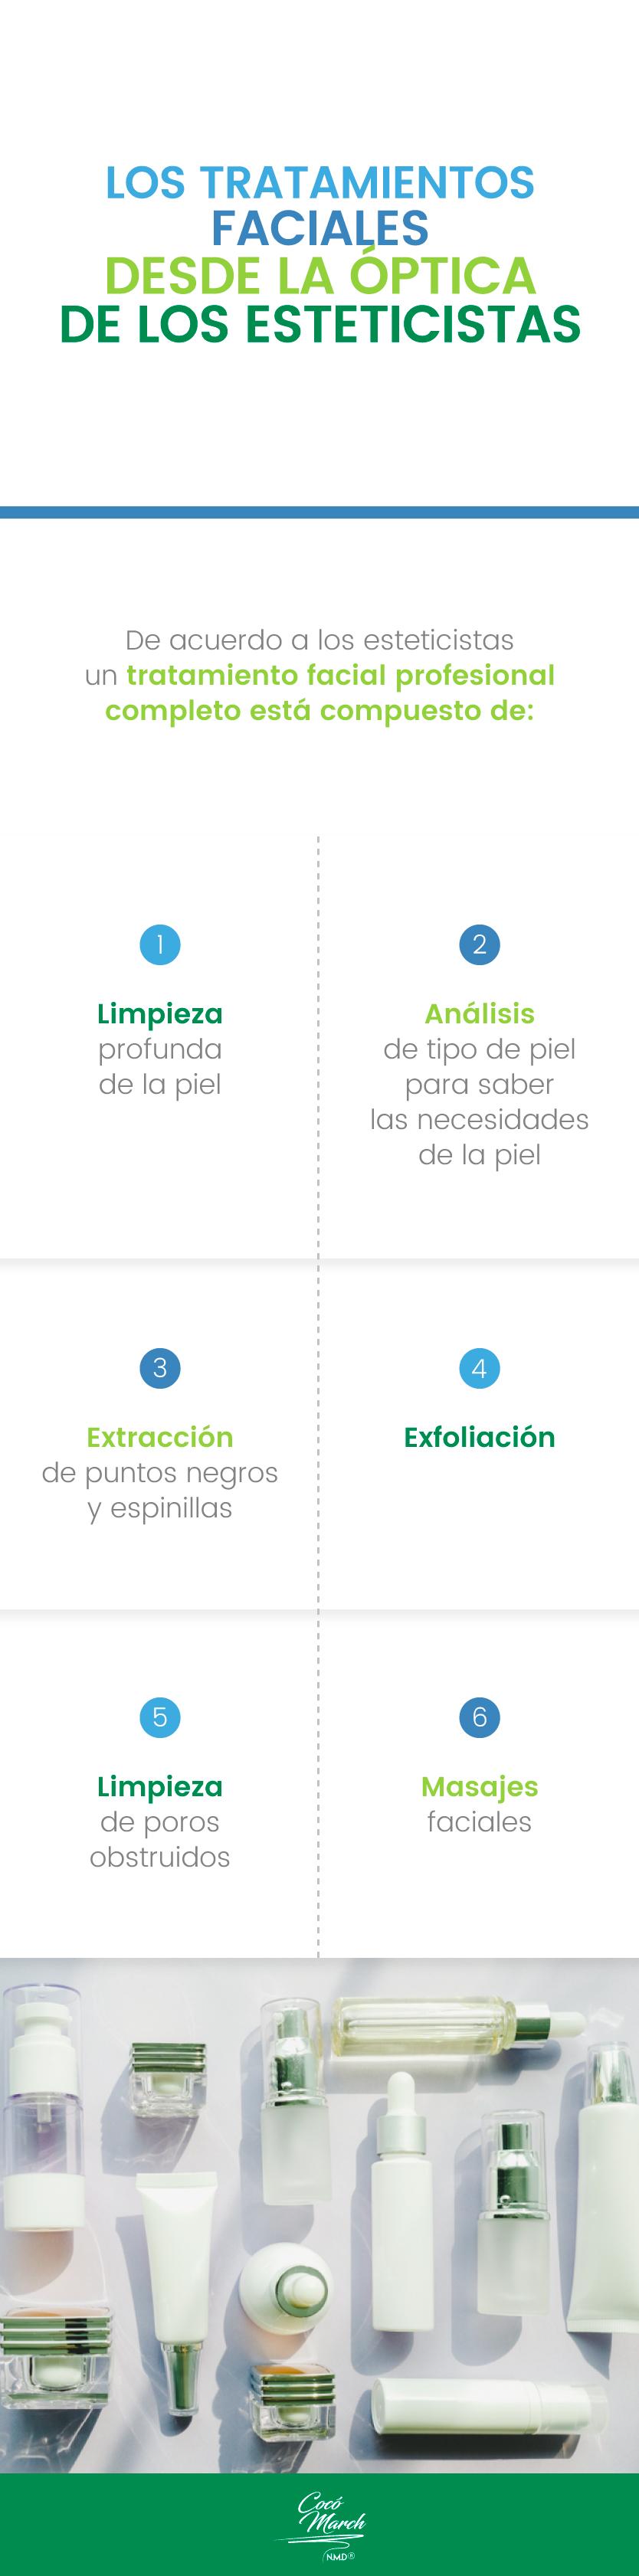 tratamientos-faciales-desde-la-optica-de-esteticistas